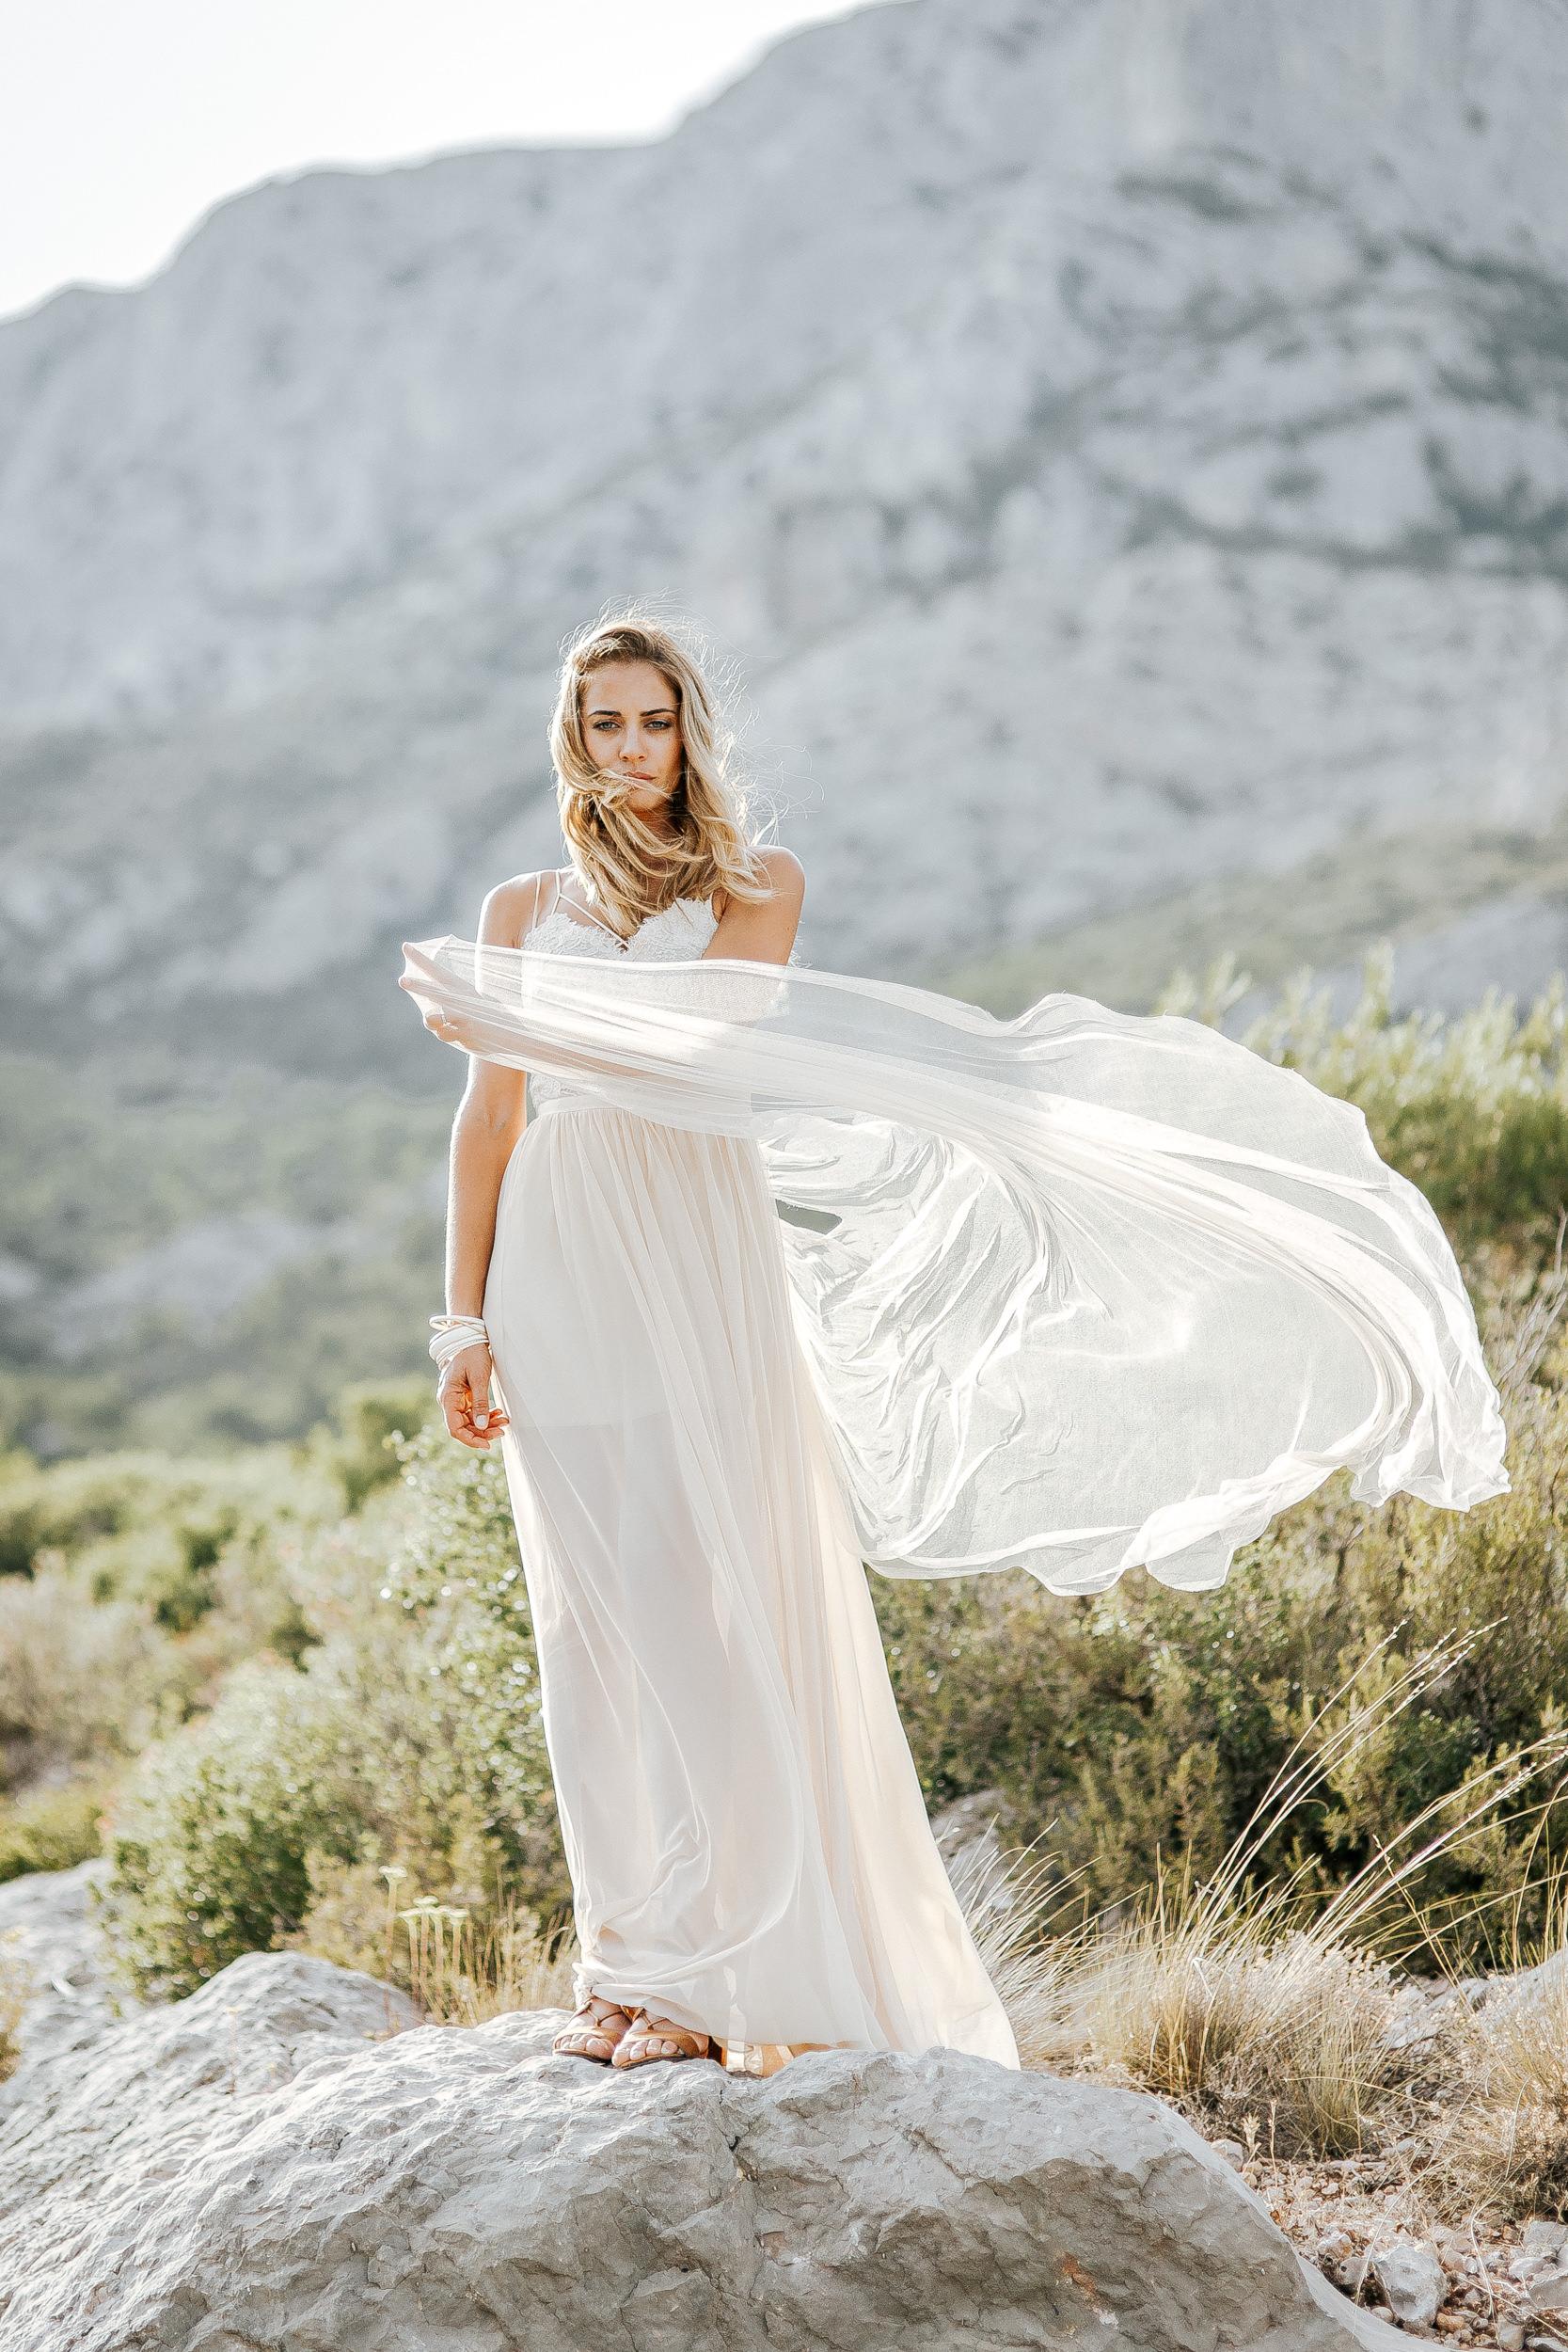 Elisa Ness un duo mère-fille pour des robes de mariée sur-mesure d'exception (22)Elisa Ness un duo mère-fille pour des robes de mariée sur-mesure d'exception (22)